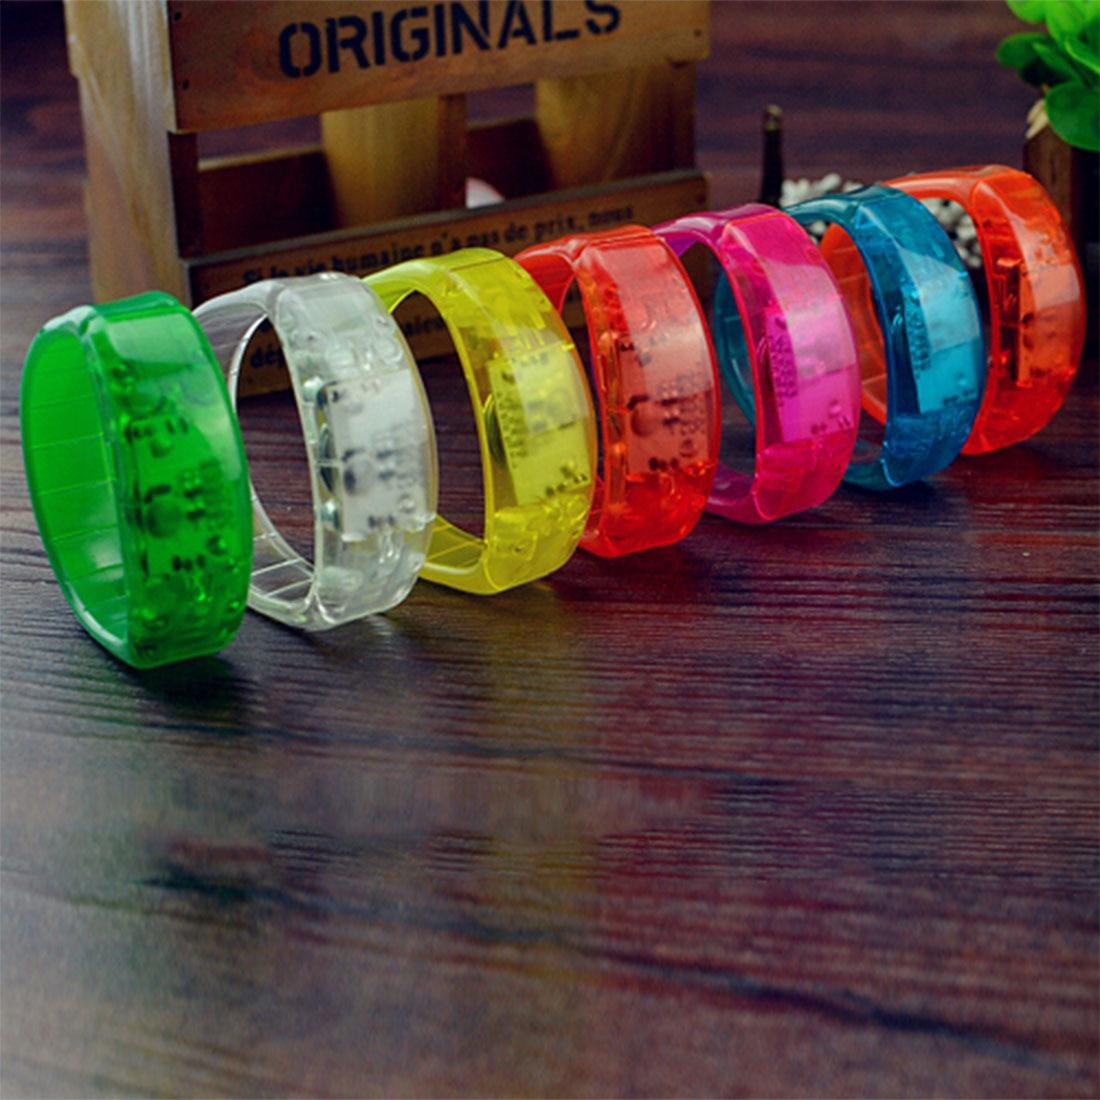 Unisex Sonido Controlado LED Light Up Pulsera Resplandor Activado Flash Brazalete Para Día de la Madre Regalo Festival Party Decor